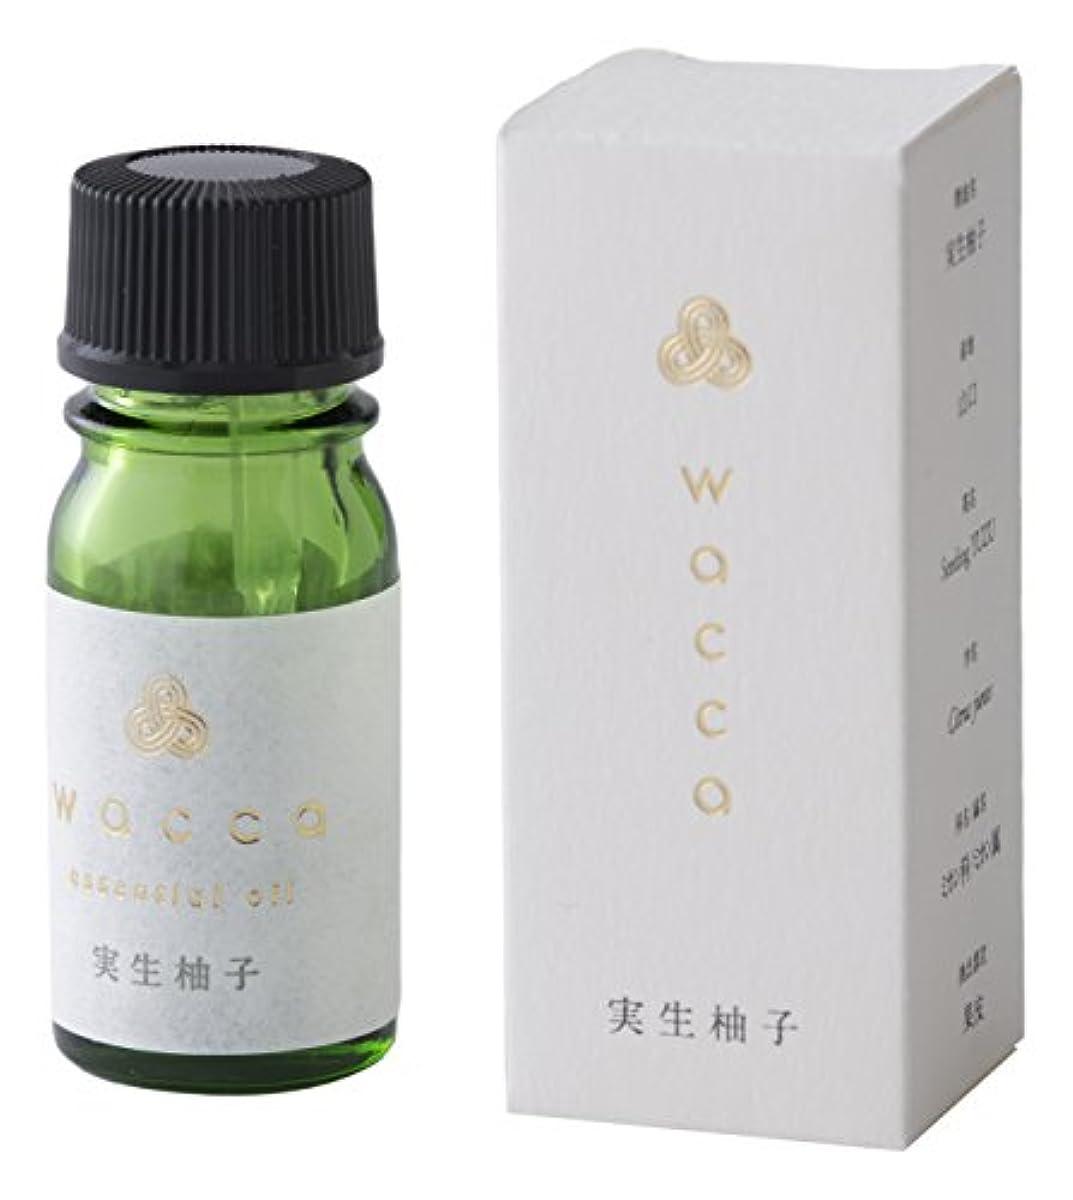 フィードバック千蒸wacca ワッカ エッセンシャルオイル 3ml 実生柚子 ミショウユズ seedling yuzu essential oil 和精油 KUSU HANDMADE